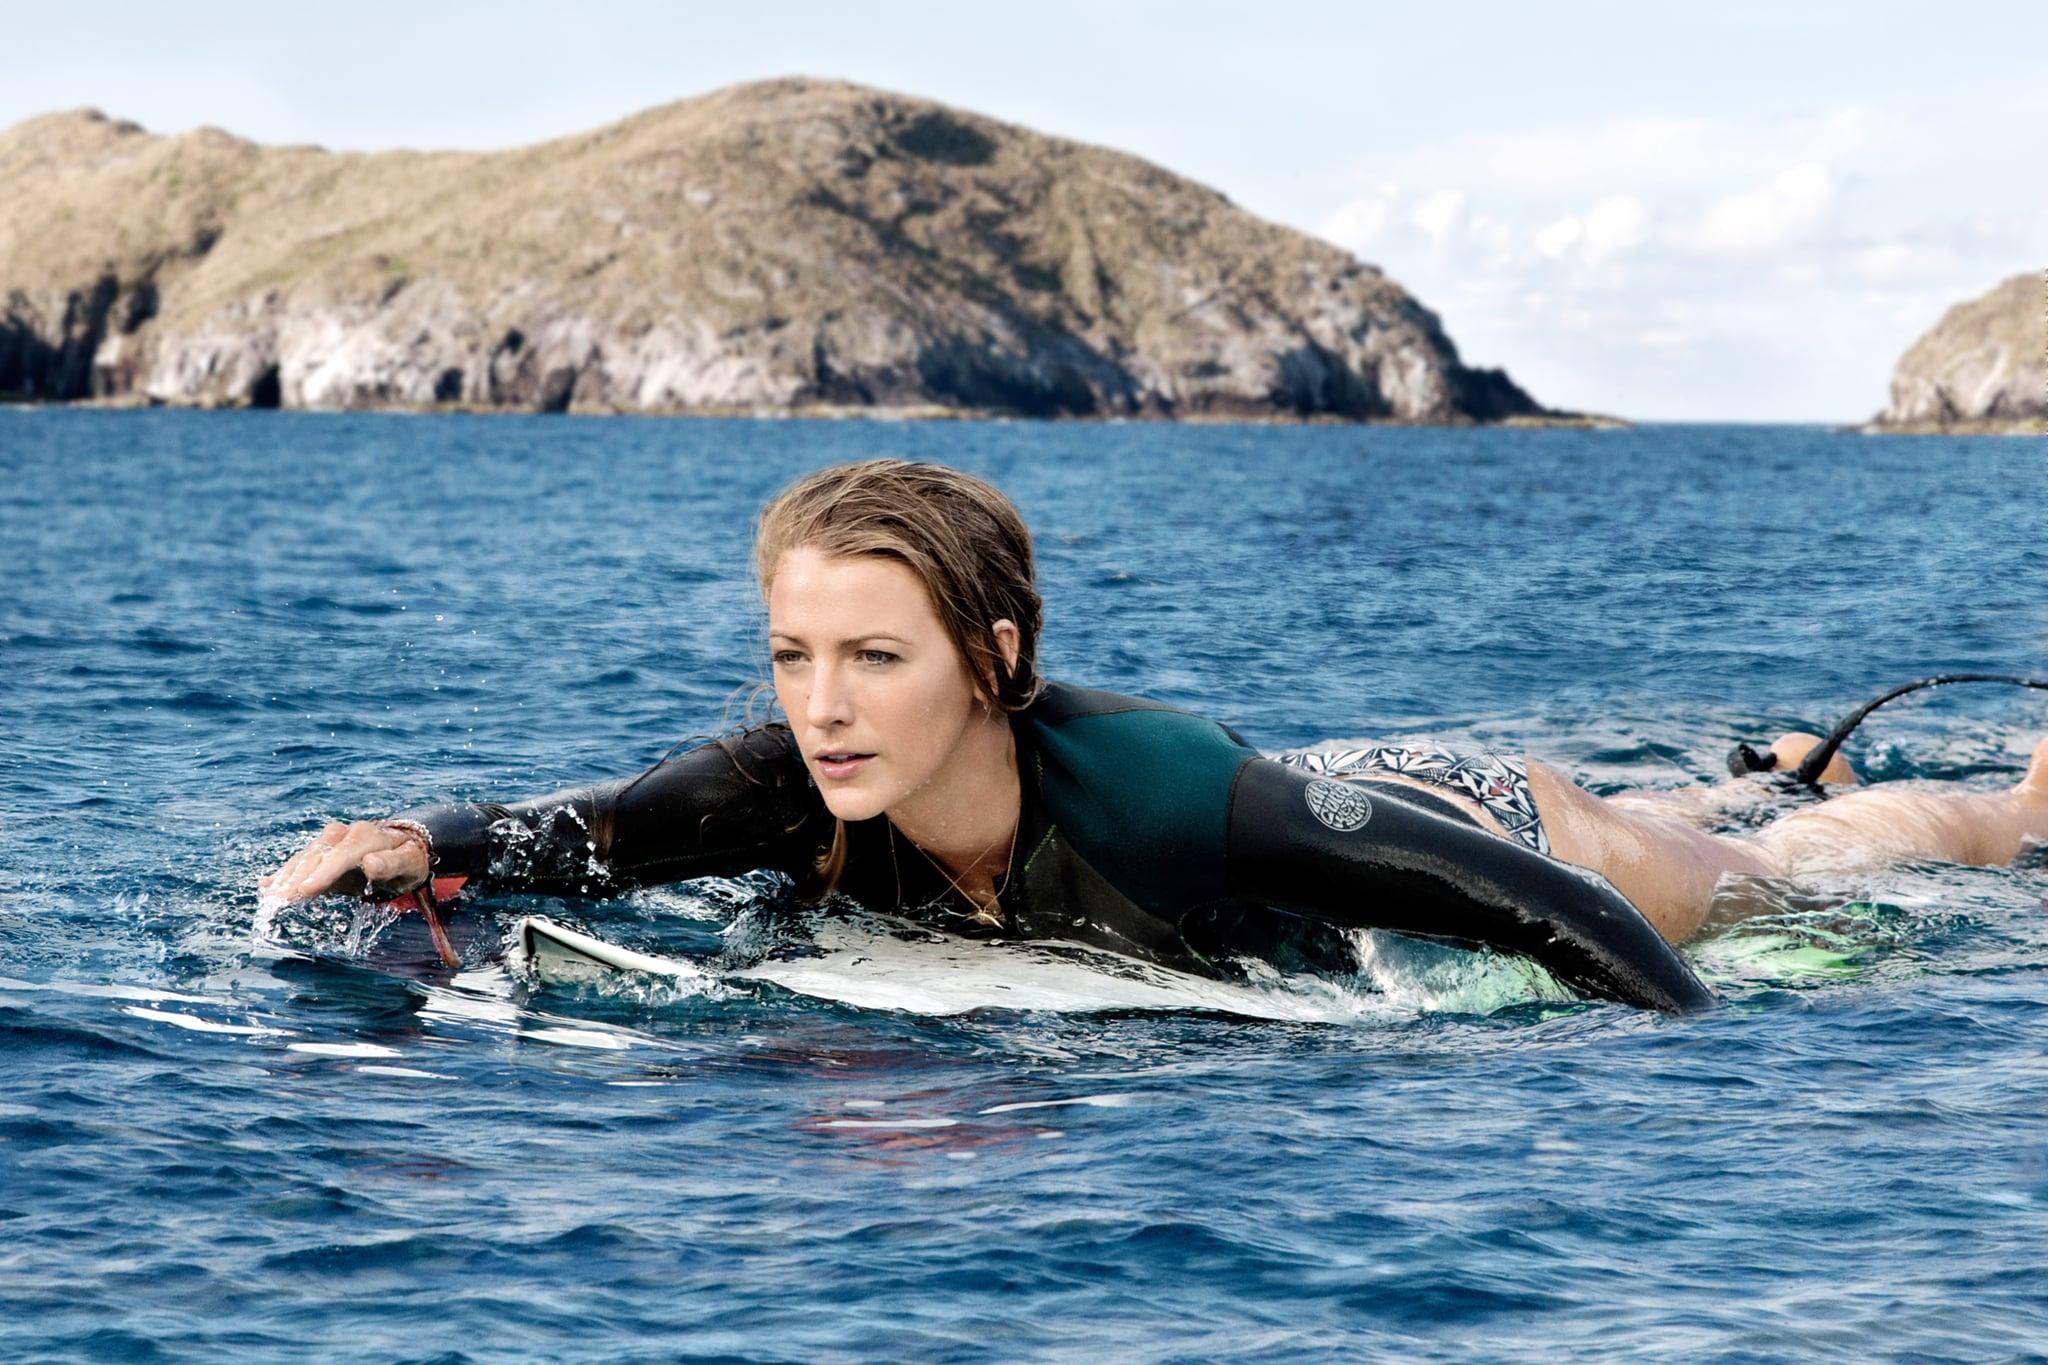 Con gái quá nghiện Baby Shark, Deadpool Ryan Reynolds cho con xem luôn phim mẹ bị... cá mập ăn thịt người tấn công - Ảnh 6.